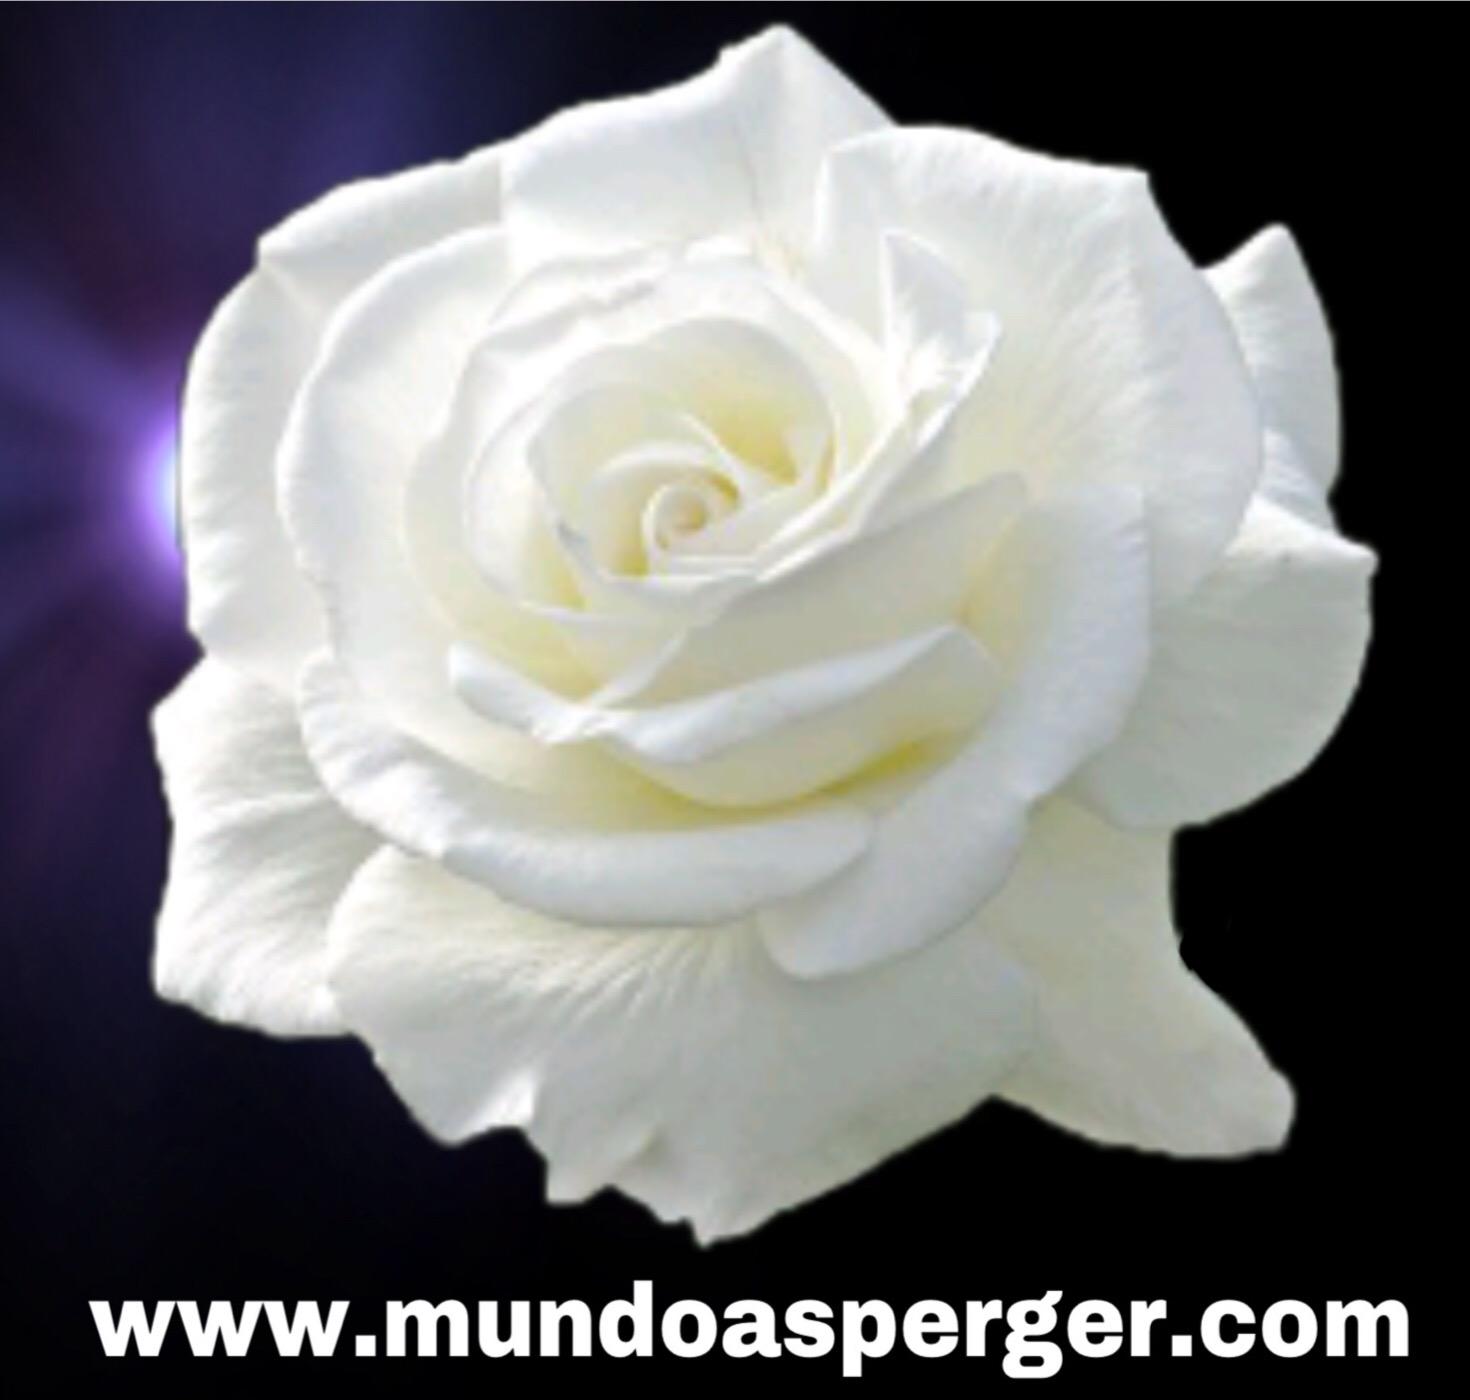 MuNDo AsPeRGeR: diciembre 2010